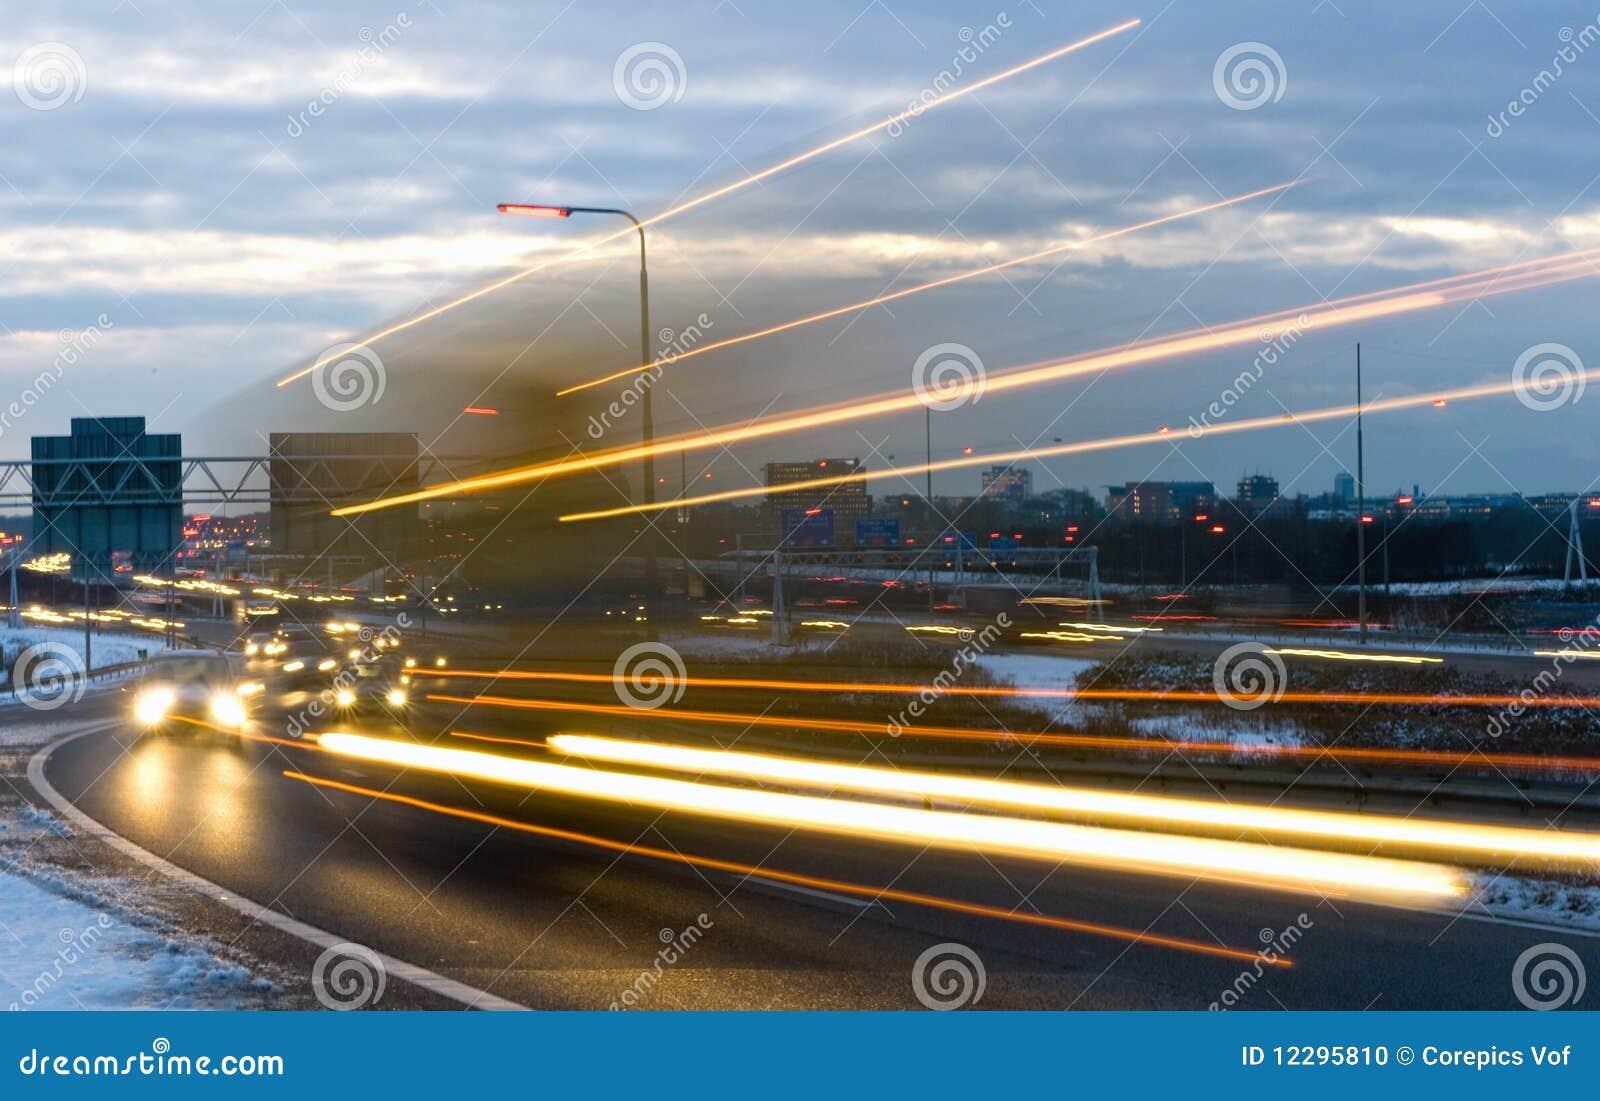 Διάβαση του truck